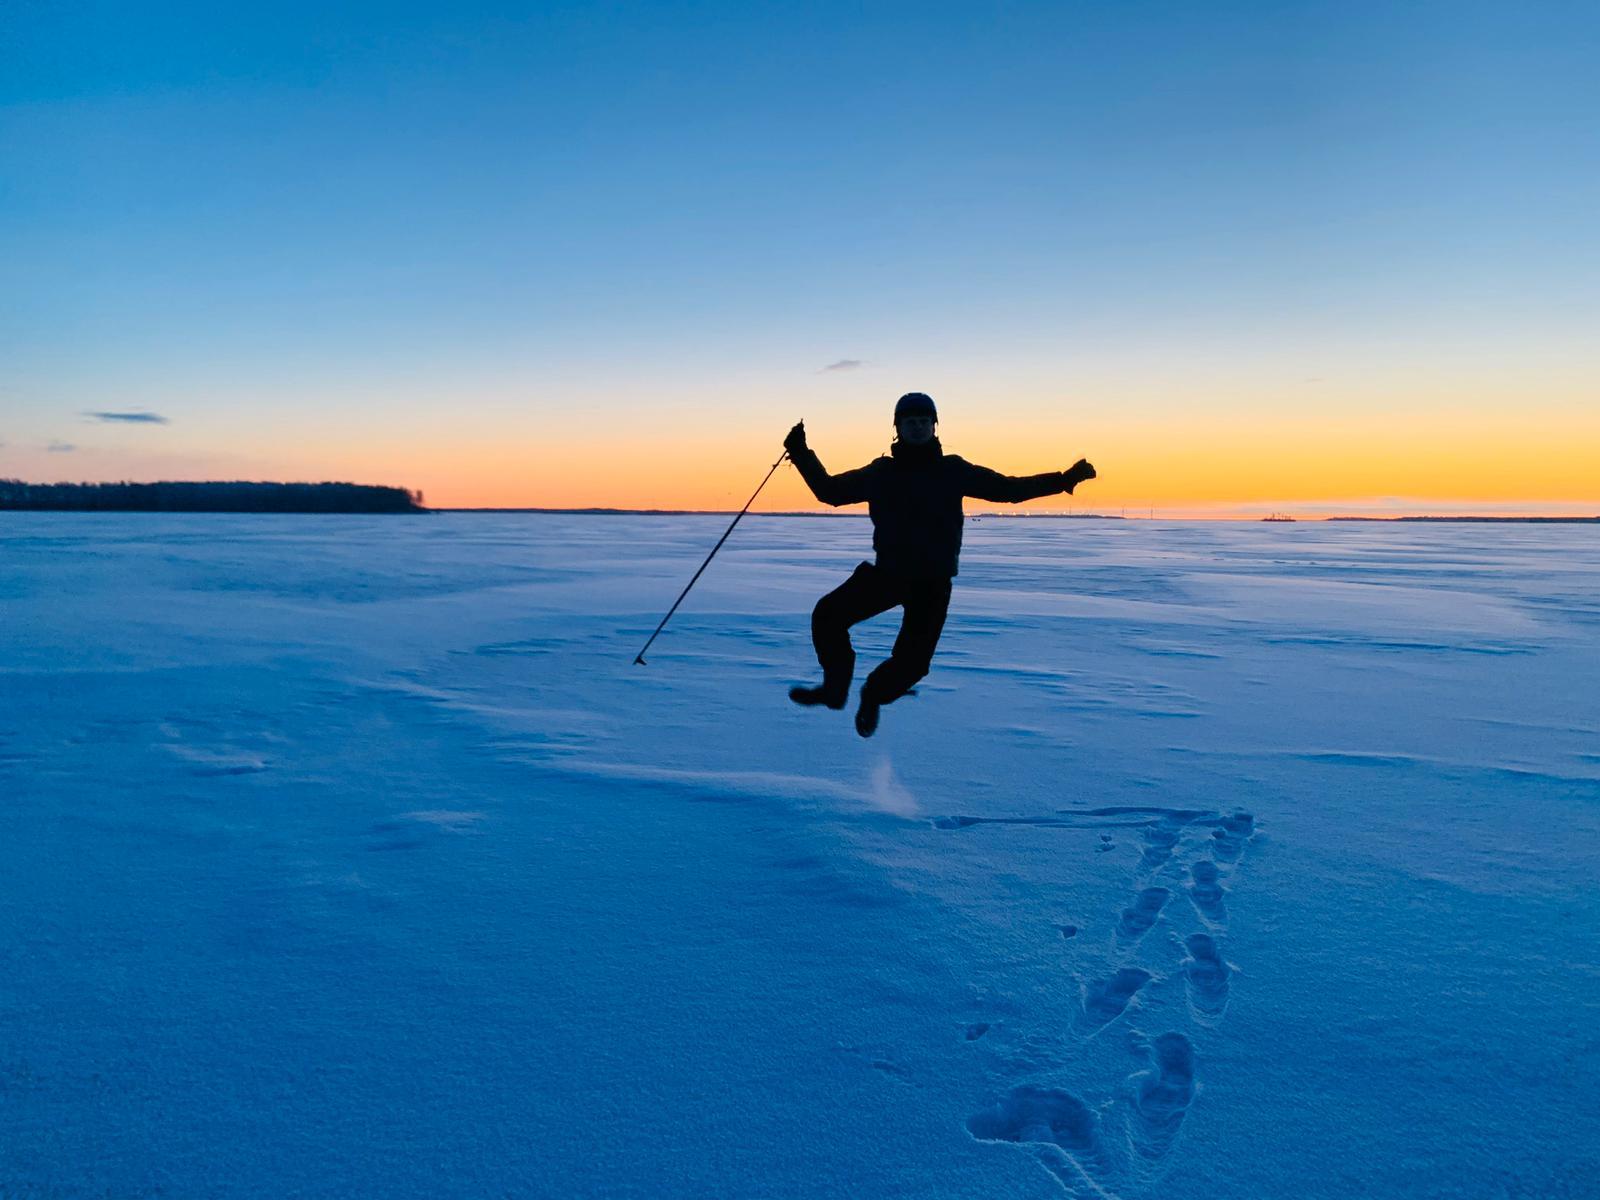 Icetrek in Kemijoki!